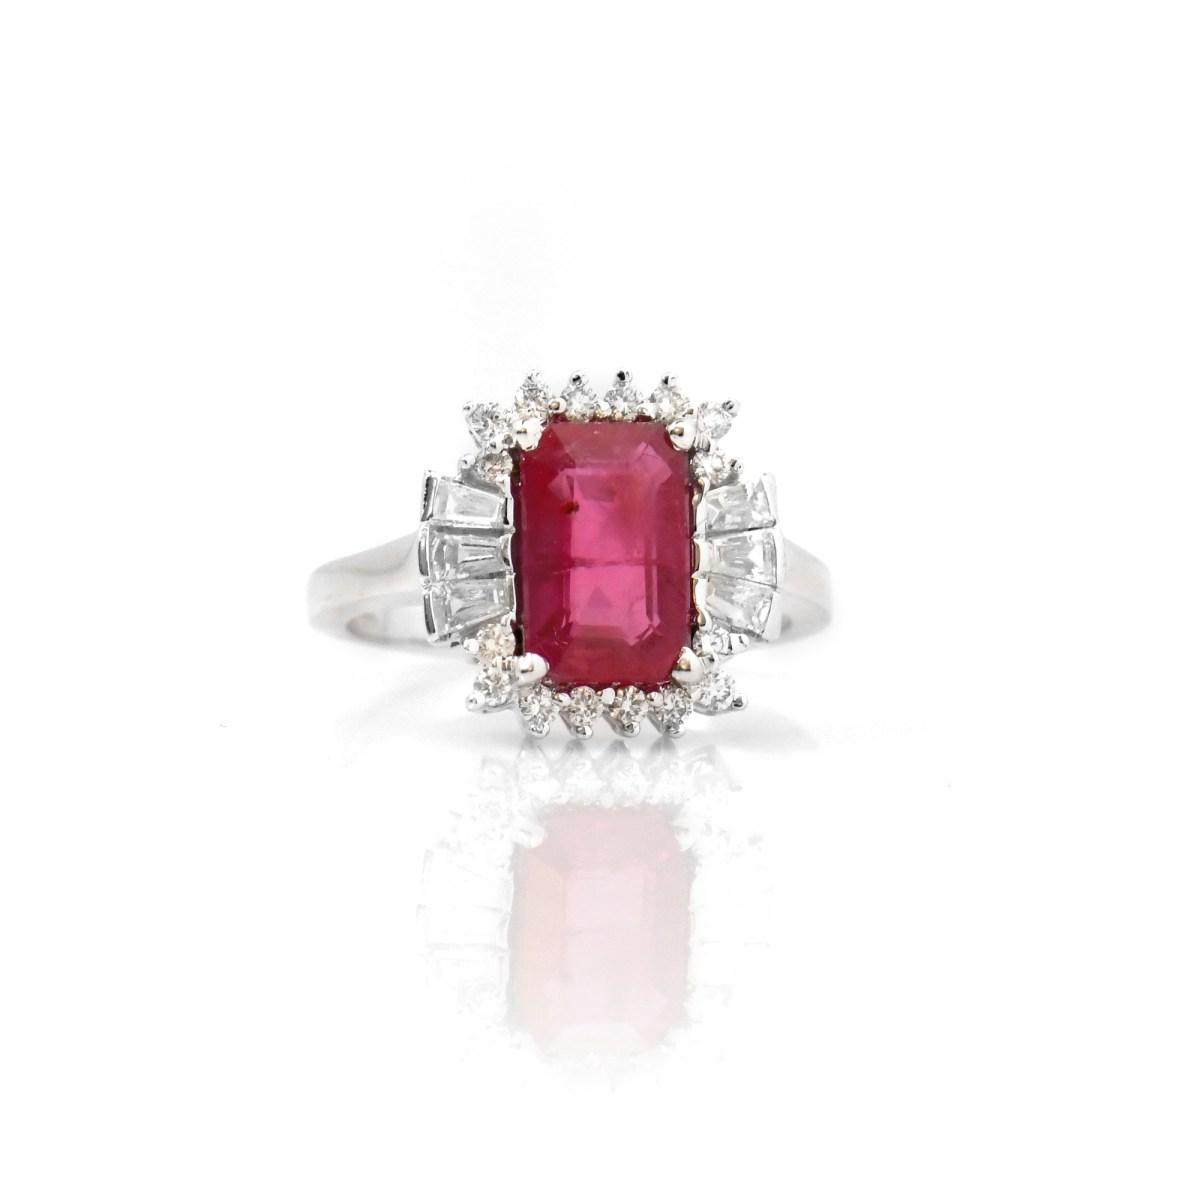 Bague Rubis et diamants, Or blanc, Taille 55/56 | Référence : BA-B17434 | EVENOR Joaillerie • Bijoux neufs, bijoux Vintage et bijoux d'occasion